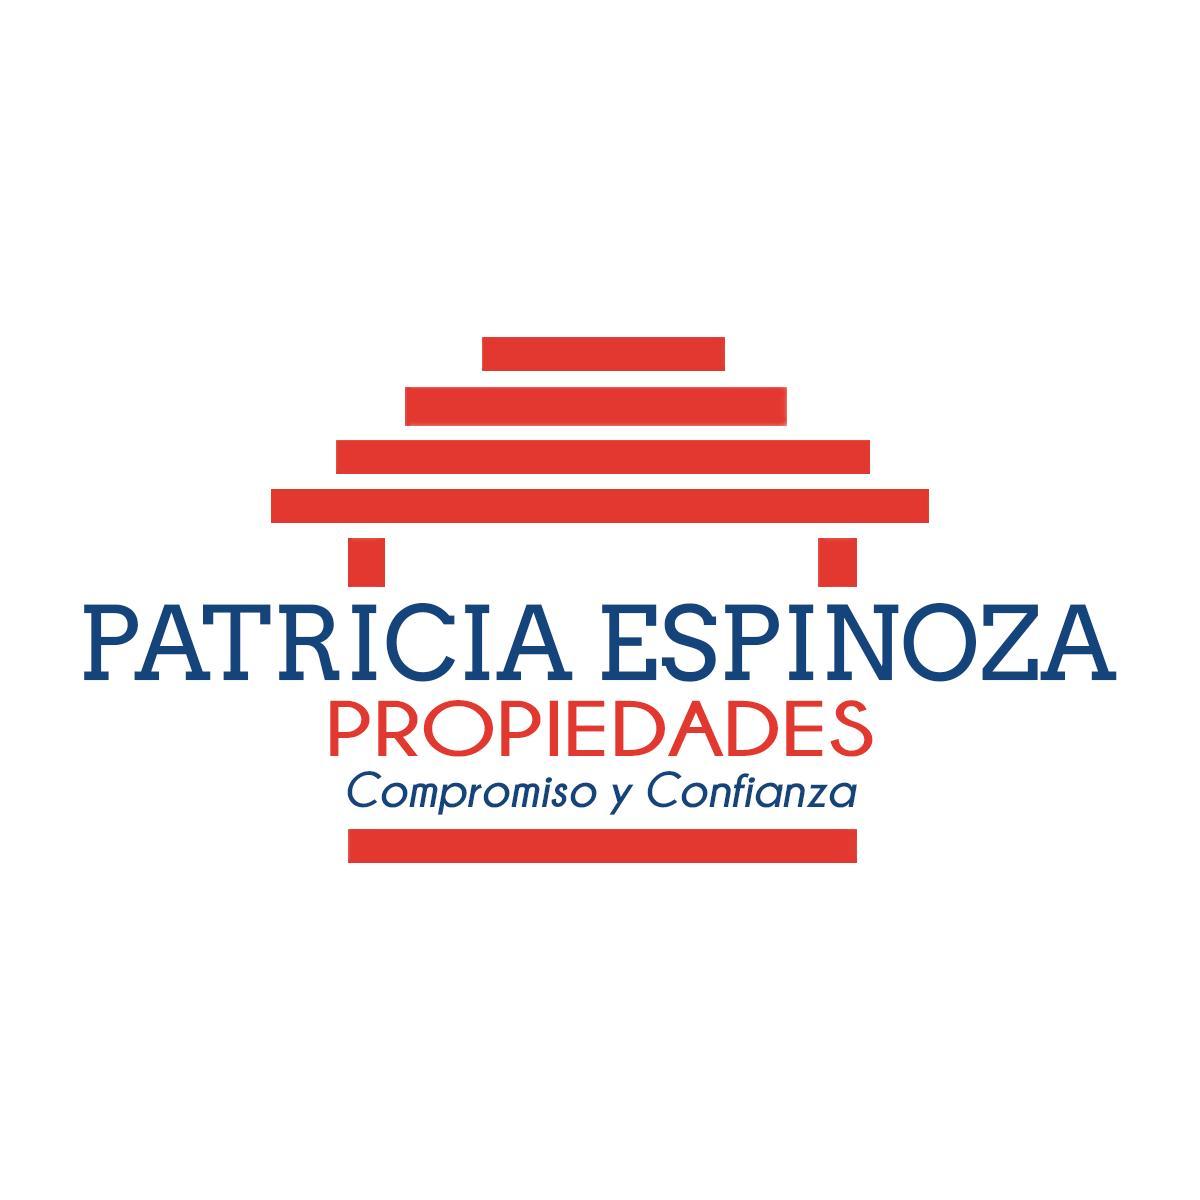 PATRICIA ESPINOZA PROPIEDADES